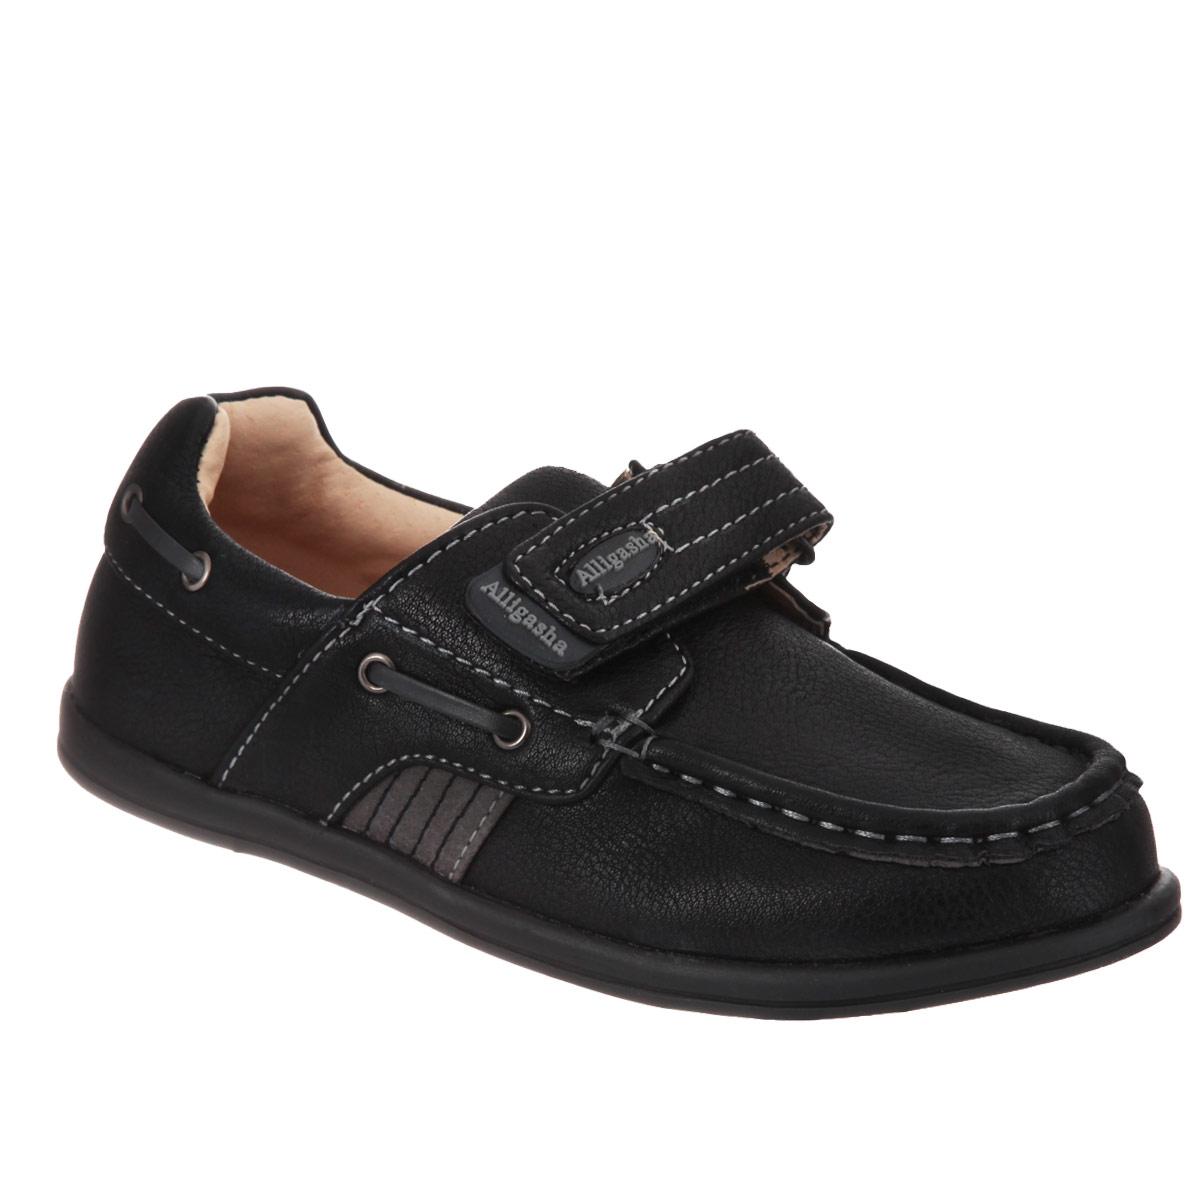 13-324Удобные и стильные мокасины для мальчика Аллигаша прекрасно подойдут вашему ребенку для активного отдыха и повседневной носки. Модель выполнена из мягкой искусственной кожи и оформлена декоративными швами. Застежка-липучка на подъеме надежно фиксирует обувь на ножке вашего малыша. Ремешок оформлен прорезиненной вставкой с названием бренда. Боковые стороны декорированы шнуровкой, пропущенной через фурнитуру. Стелька с супинатором и подкладка изготовлены из натуральной кожи, благодаря чему обувь дышит, обеспечивая идеальный микроклимат. Анатомическая стелька обеспечивает правильное формирование детской стопы. Рельефная подошва, изготовленная из термопластичной резины, не скользит и обеспечивает хорошее сцепление с поверхностью. В таких мокасинах ногам вашего непоседы будет комфортно и уютно!